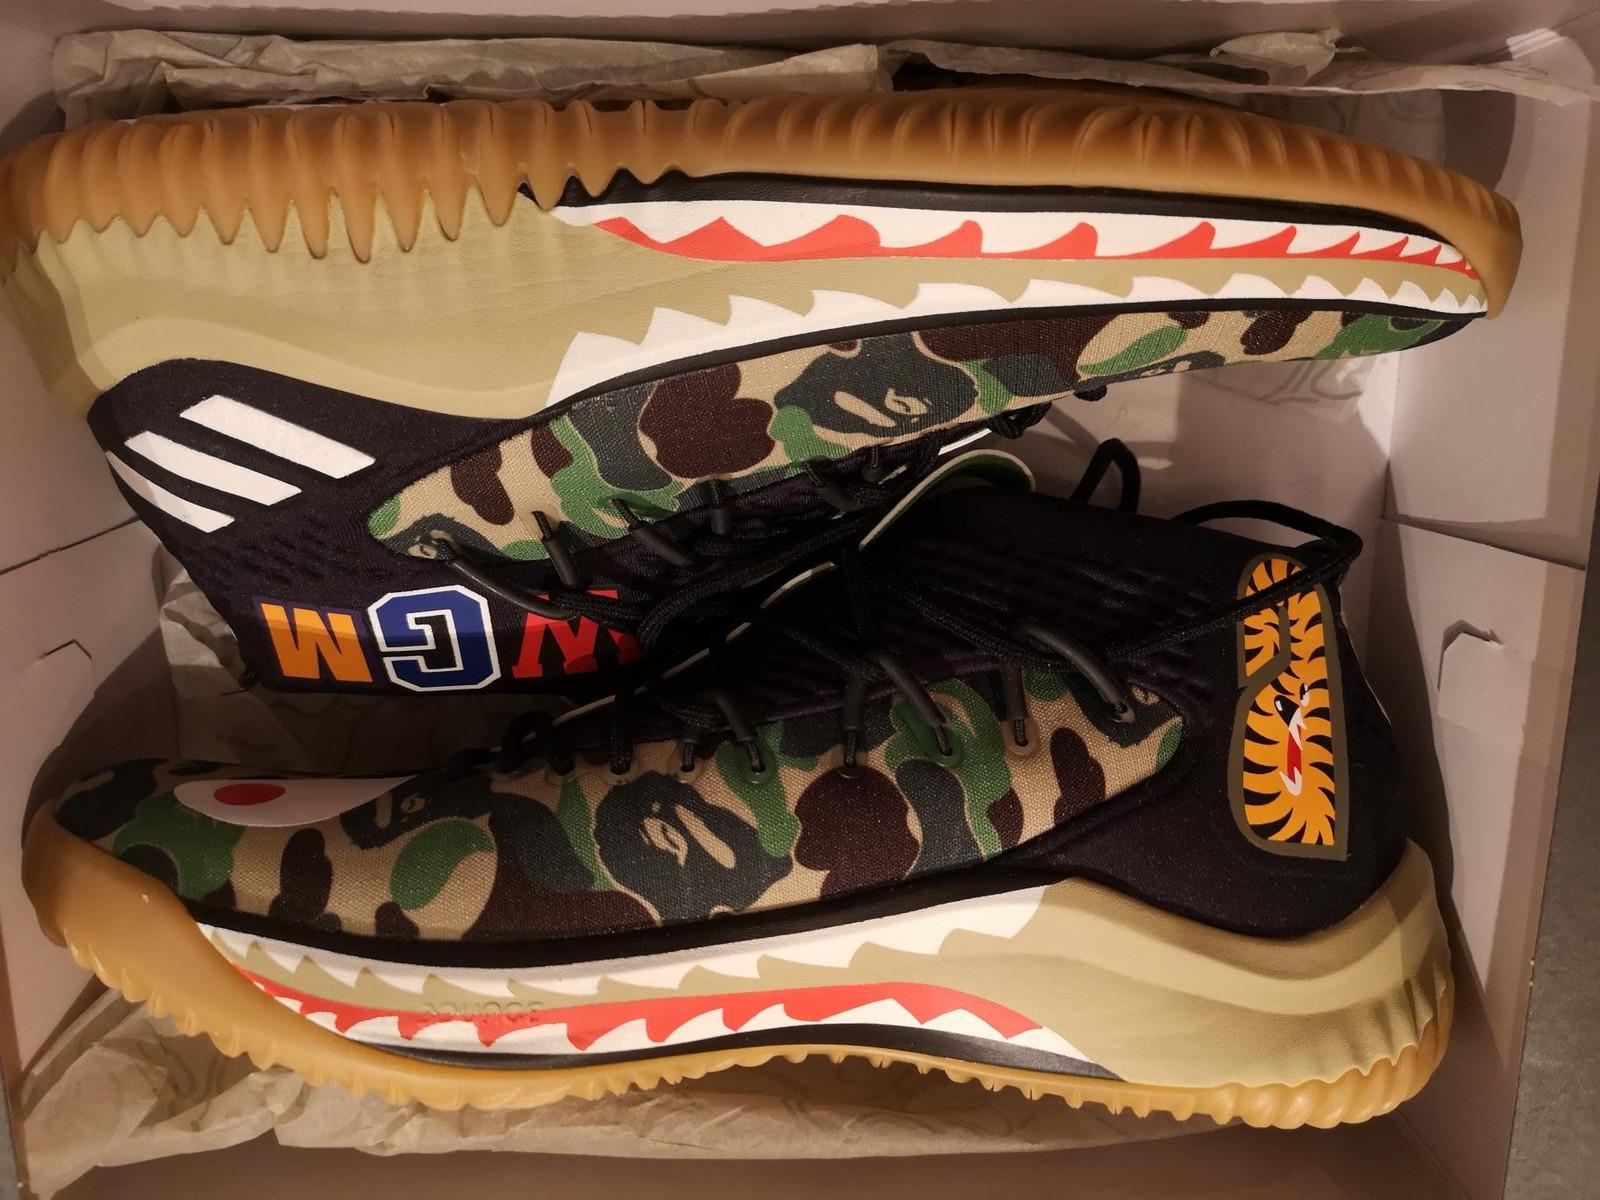 Adidas dame 4 x bape | FINN.no